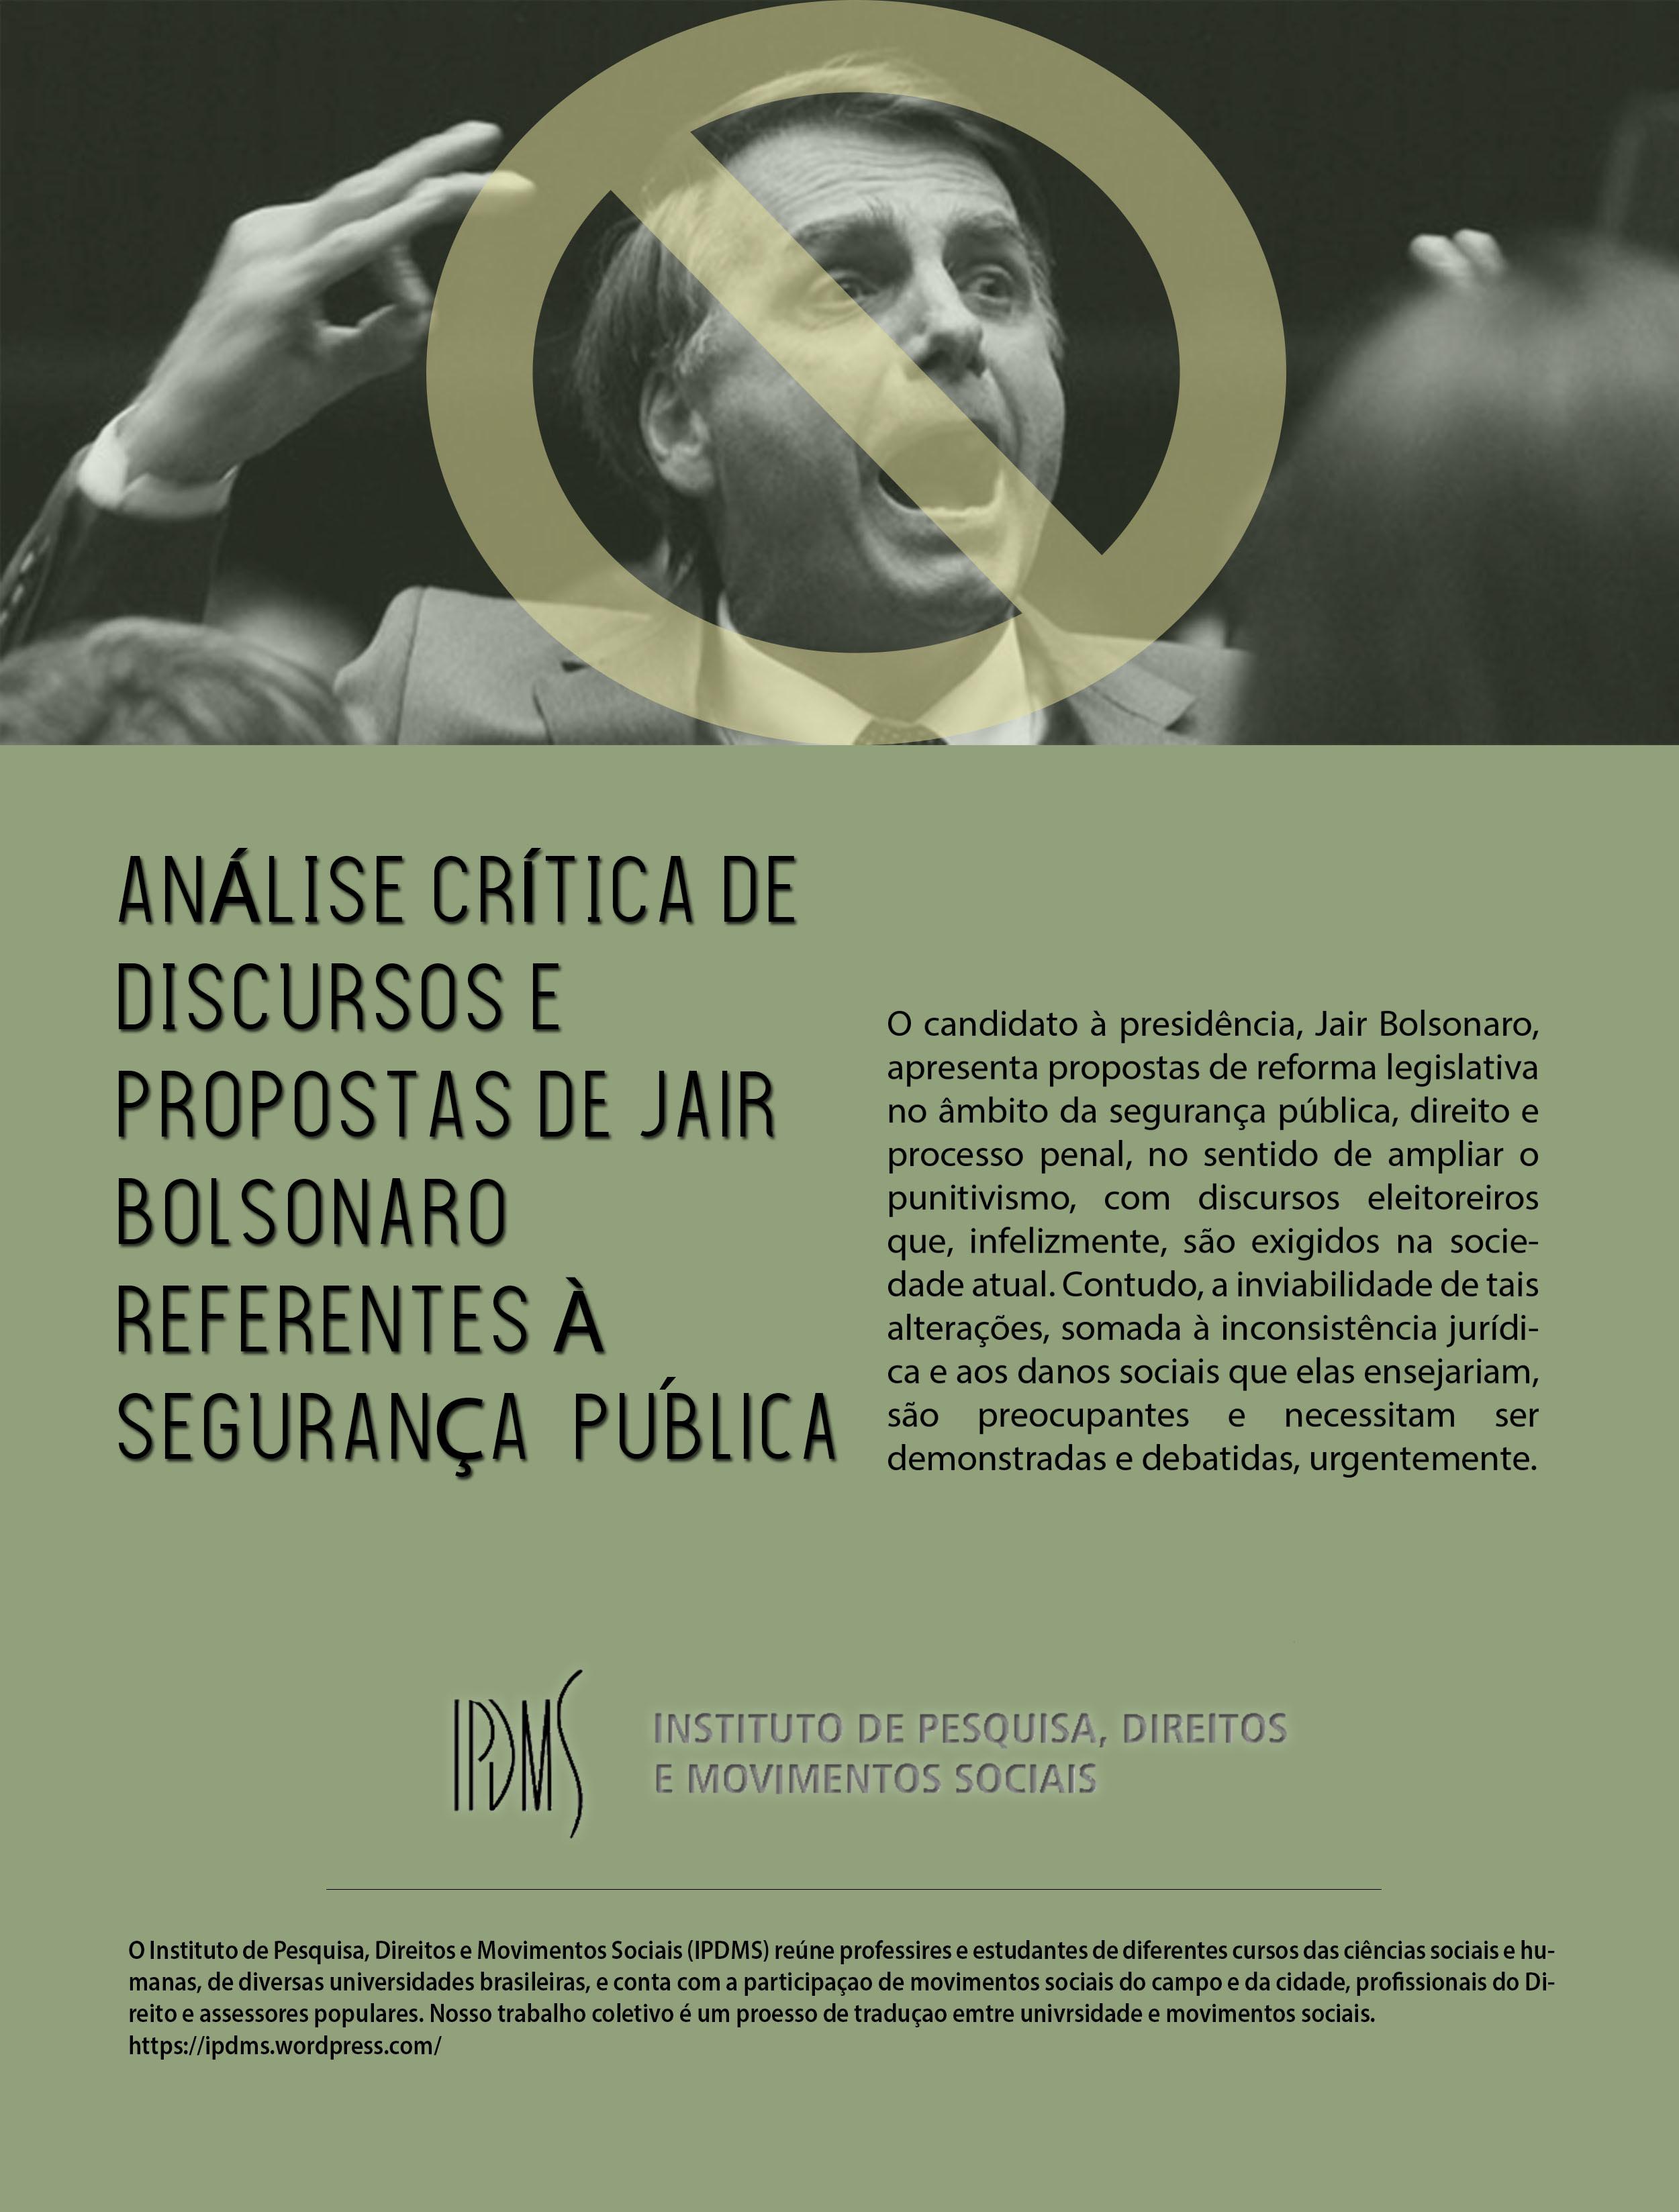 Análise crítica de discursos e proposta de Jair Bolsonaro referentes à segurança pública